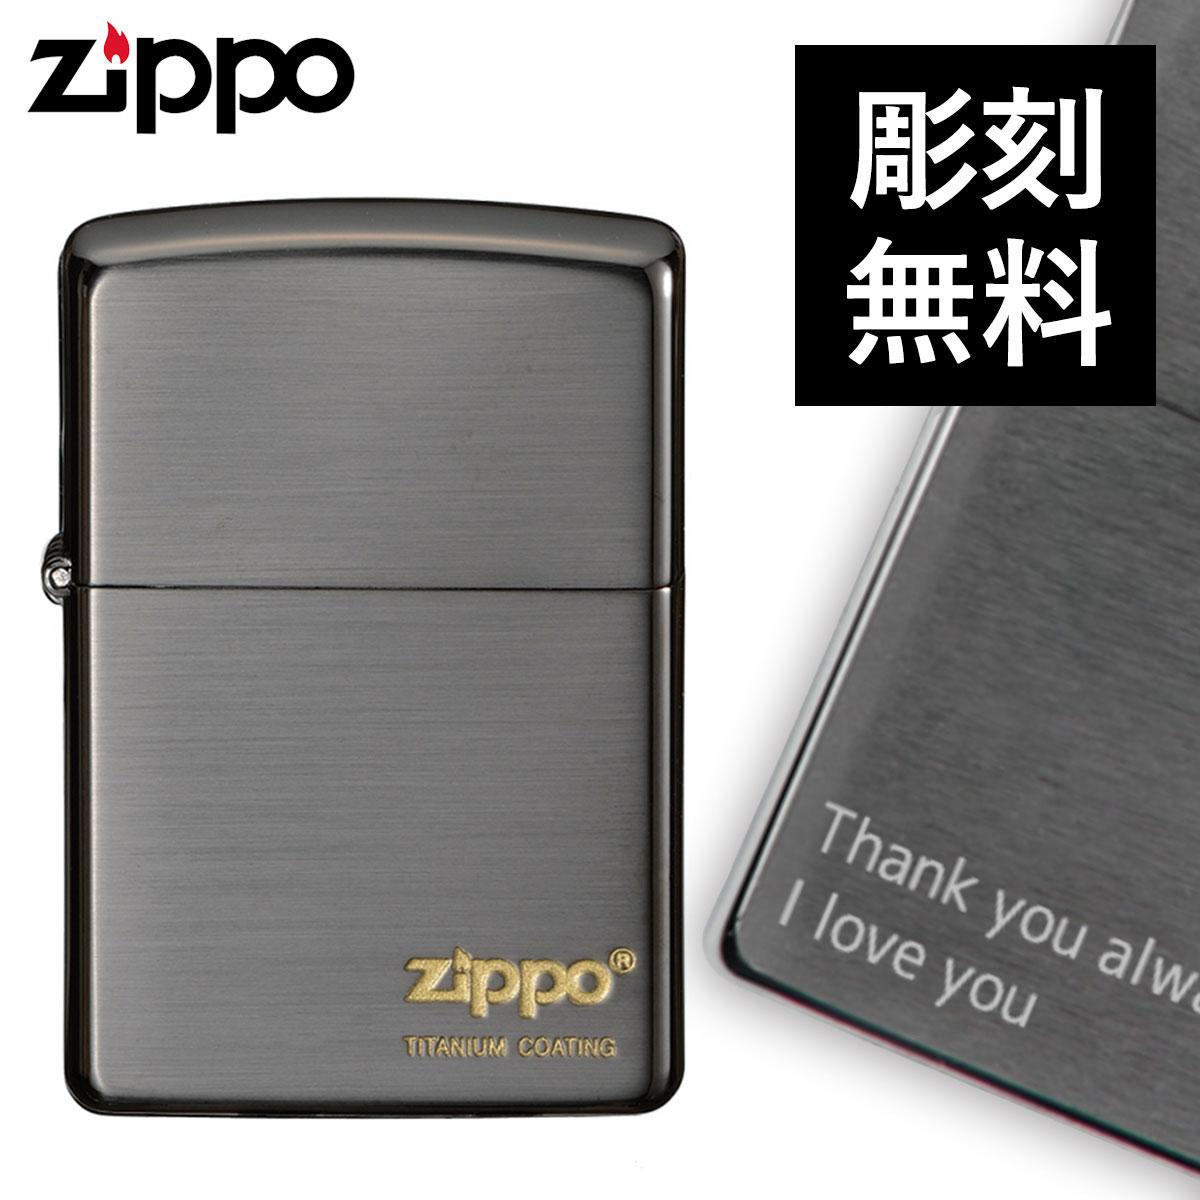 ★期間限定P10★ zippo 名入れ チタンコーティング THK ブラック 名入れ ギフト キズがつきにくい シンプル チタンメッキ